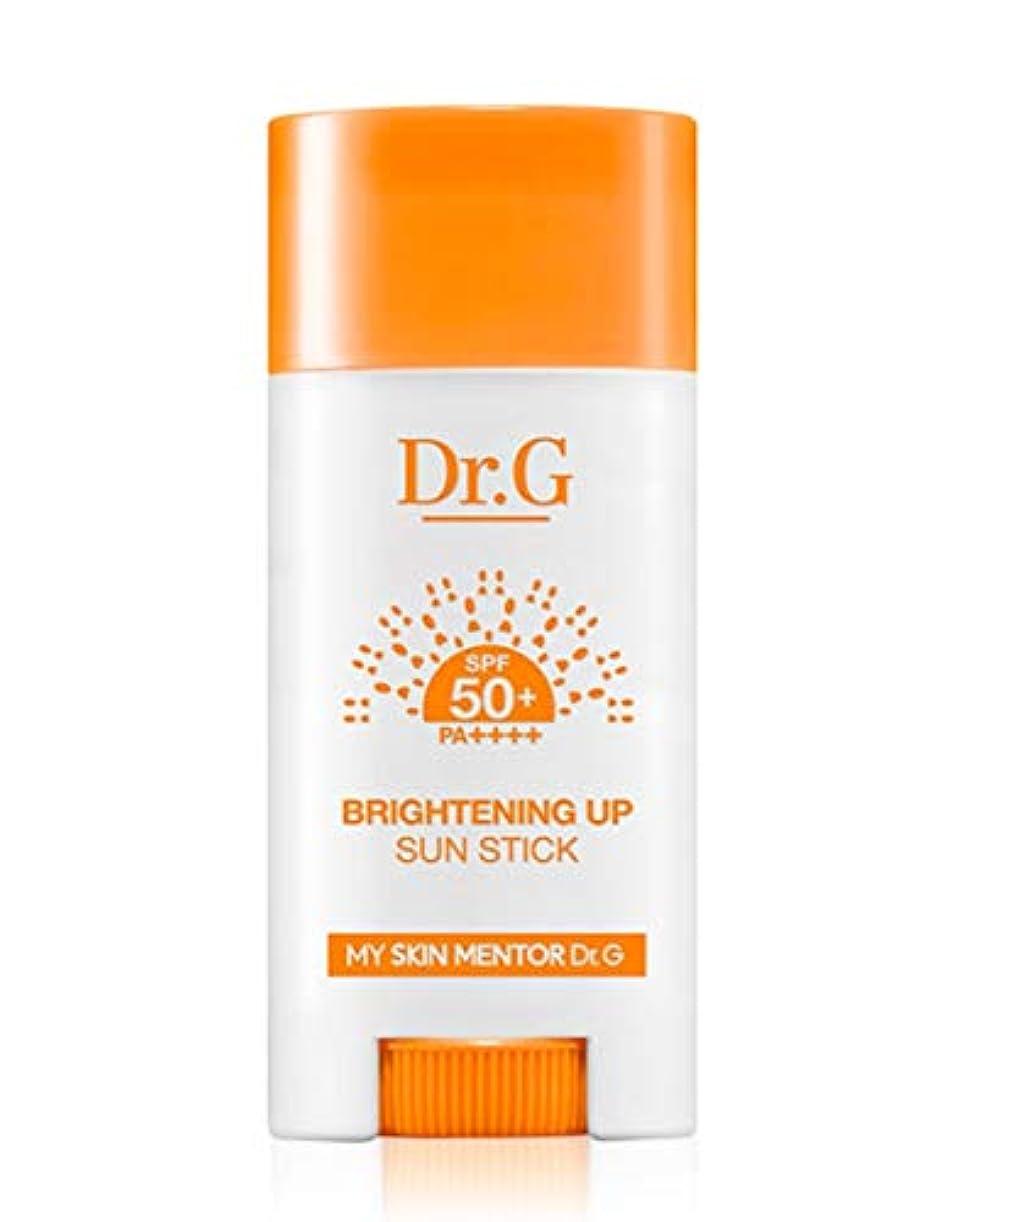 ショートカット邪魔不快Dr.G BRIGHTEING UP Sun Stick 15g SPF50+ PA++++ 日焼け止めパーフェクトUVネック?手?足の甲?部分的に塗って修正スティック [並行輸入品]